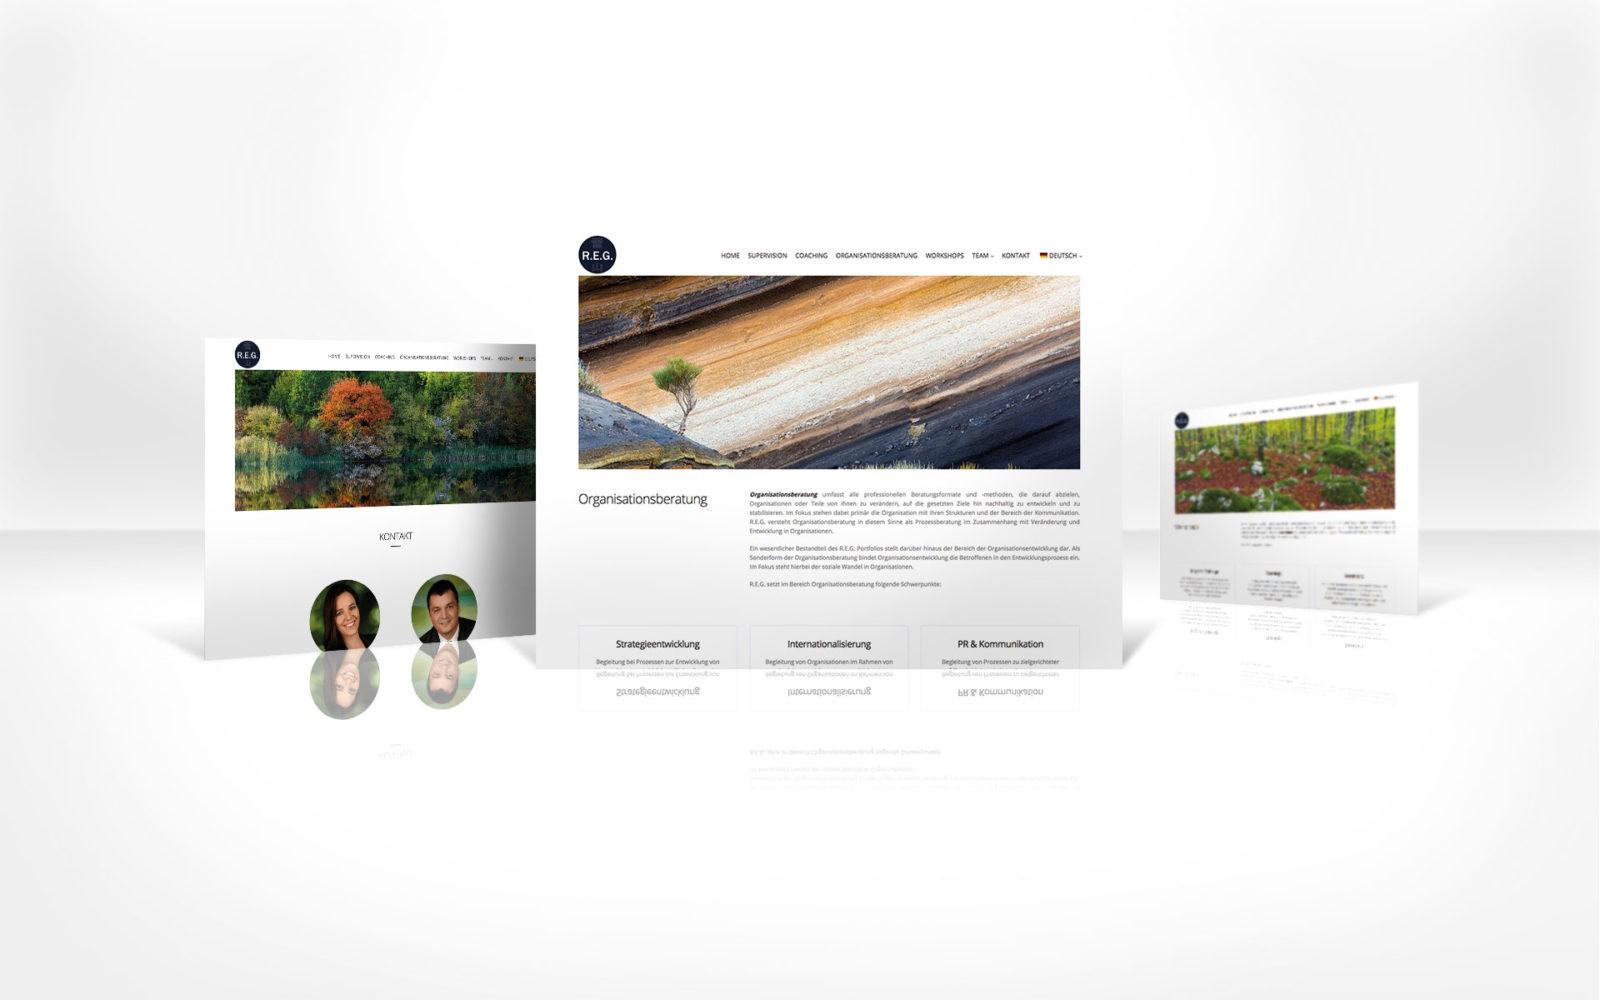 Schönes Webdesign REG.CO.AT - Reflektieren.Entwickeln.Gestalten.